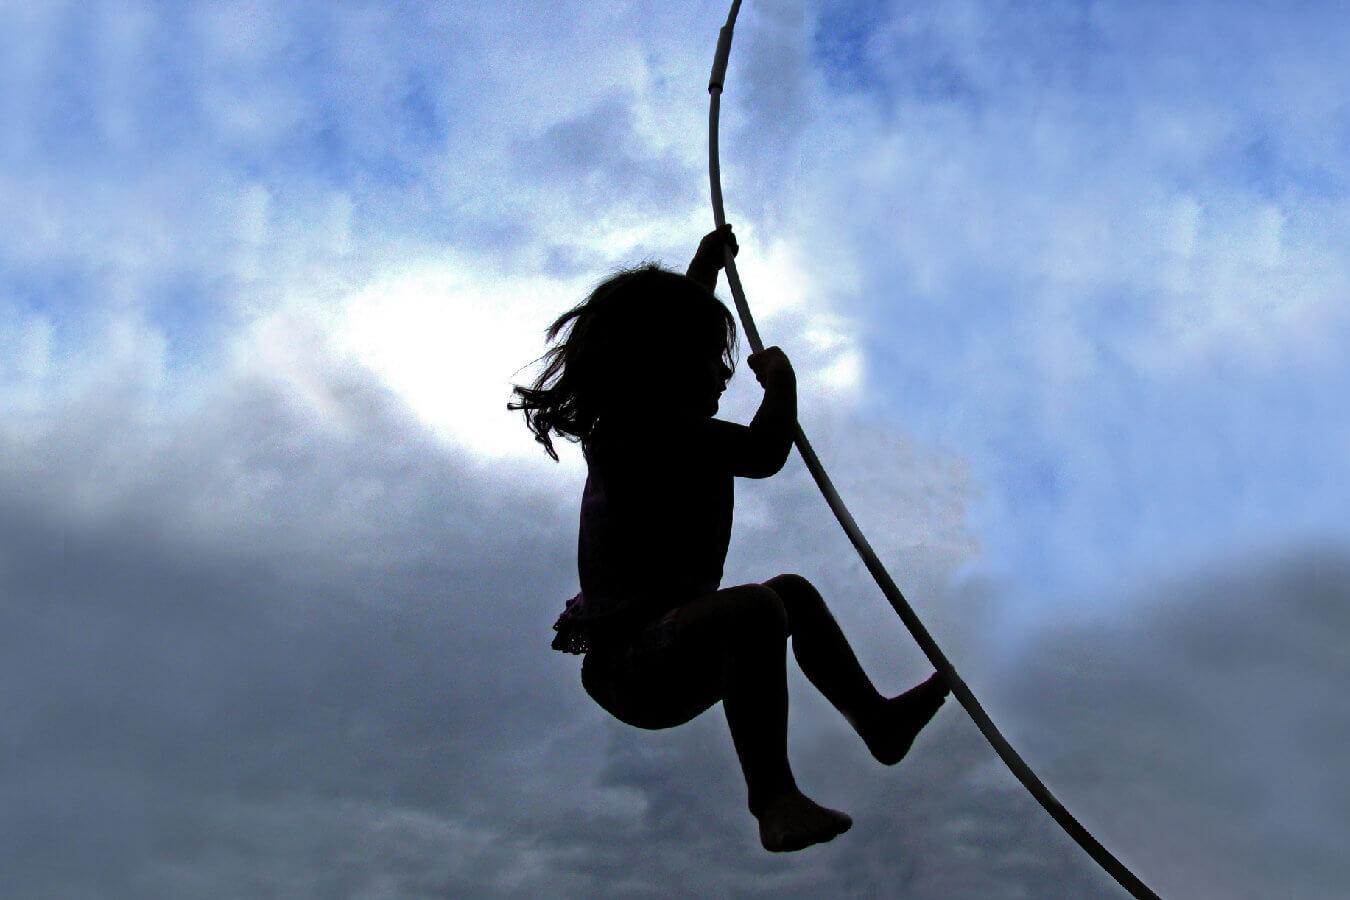 Little Girl Swings on a Rope